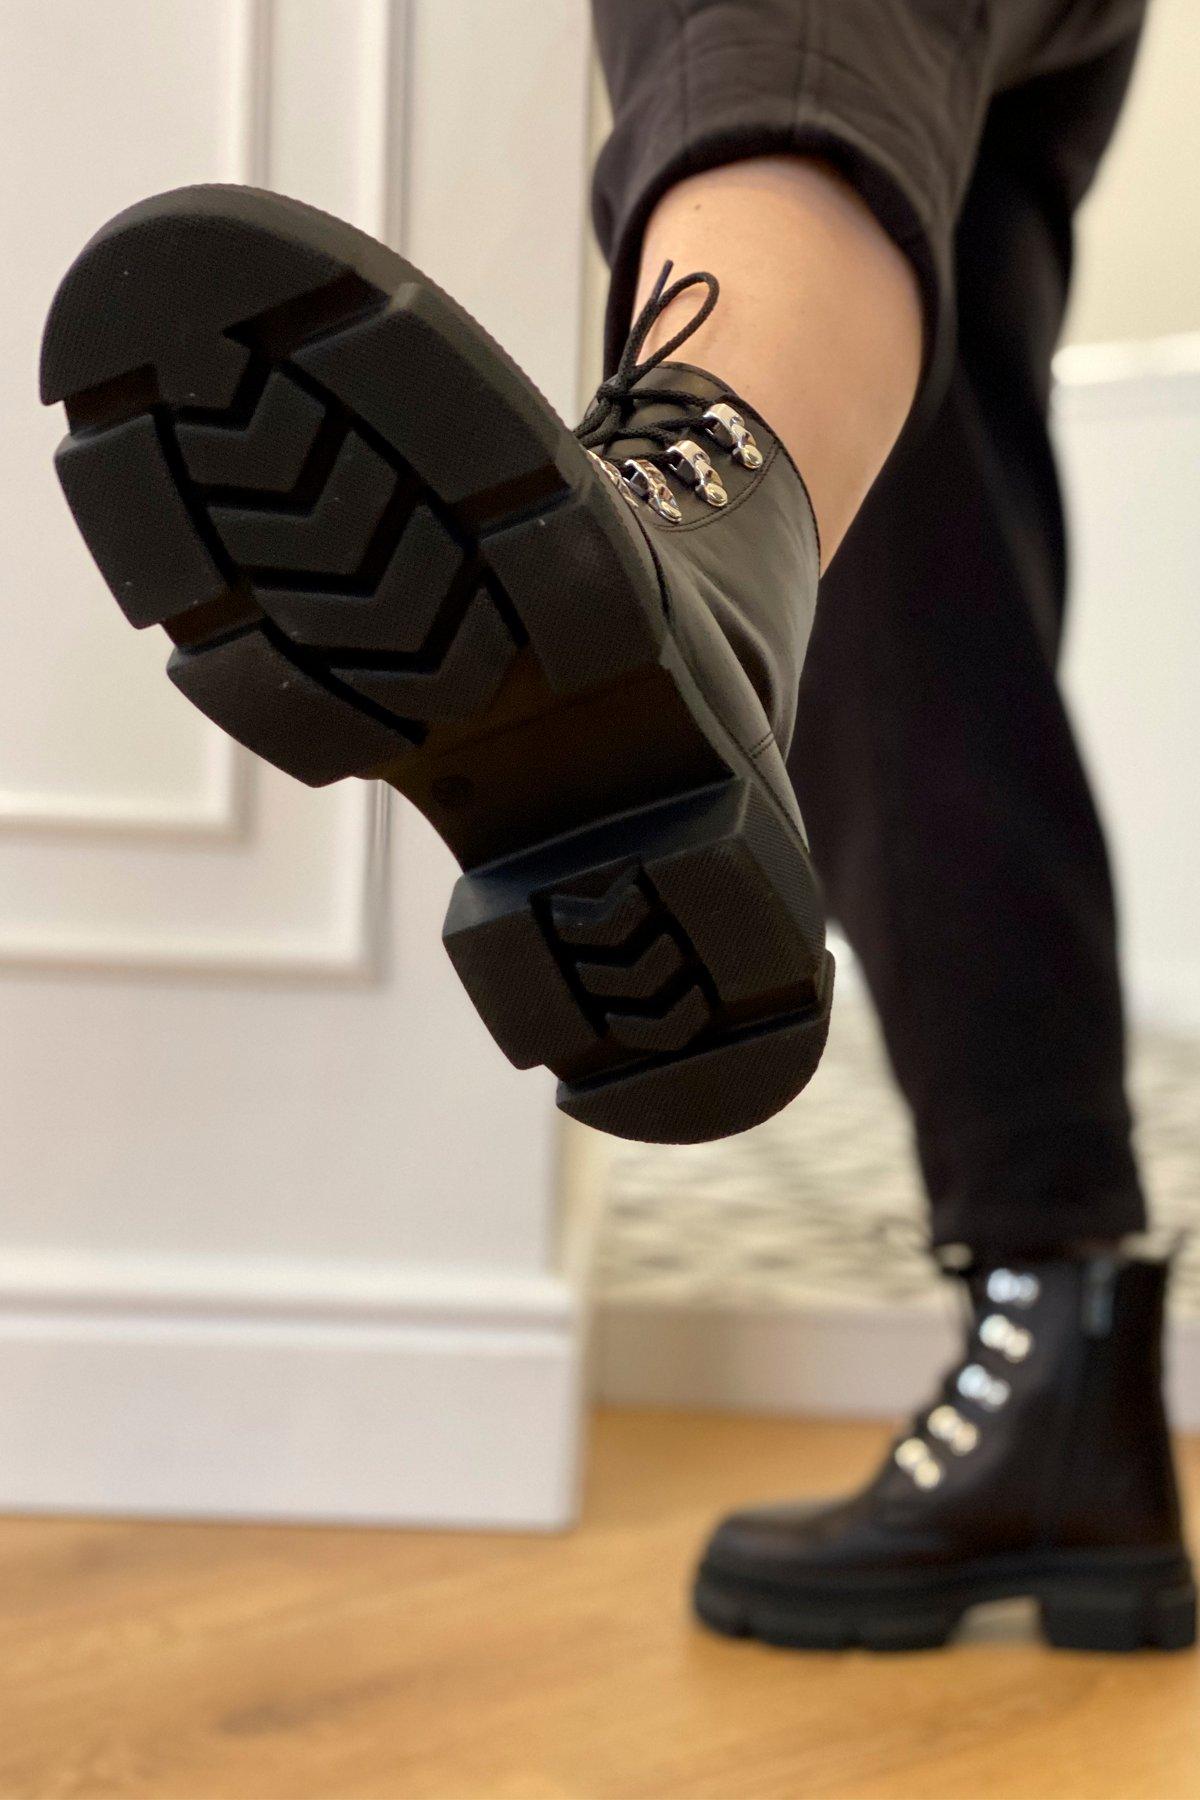 Ботинки зимние 2002 (серебро) АРТ. 46439 Цвет: Черный - фото 3, интернет магазин tm-modus.ru